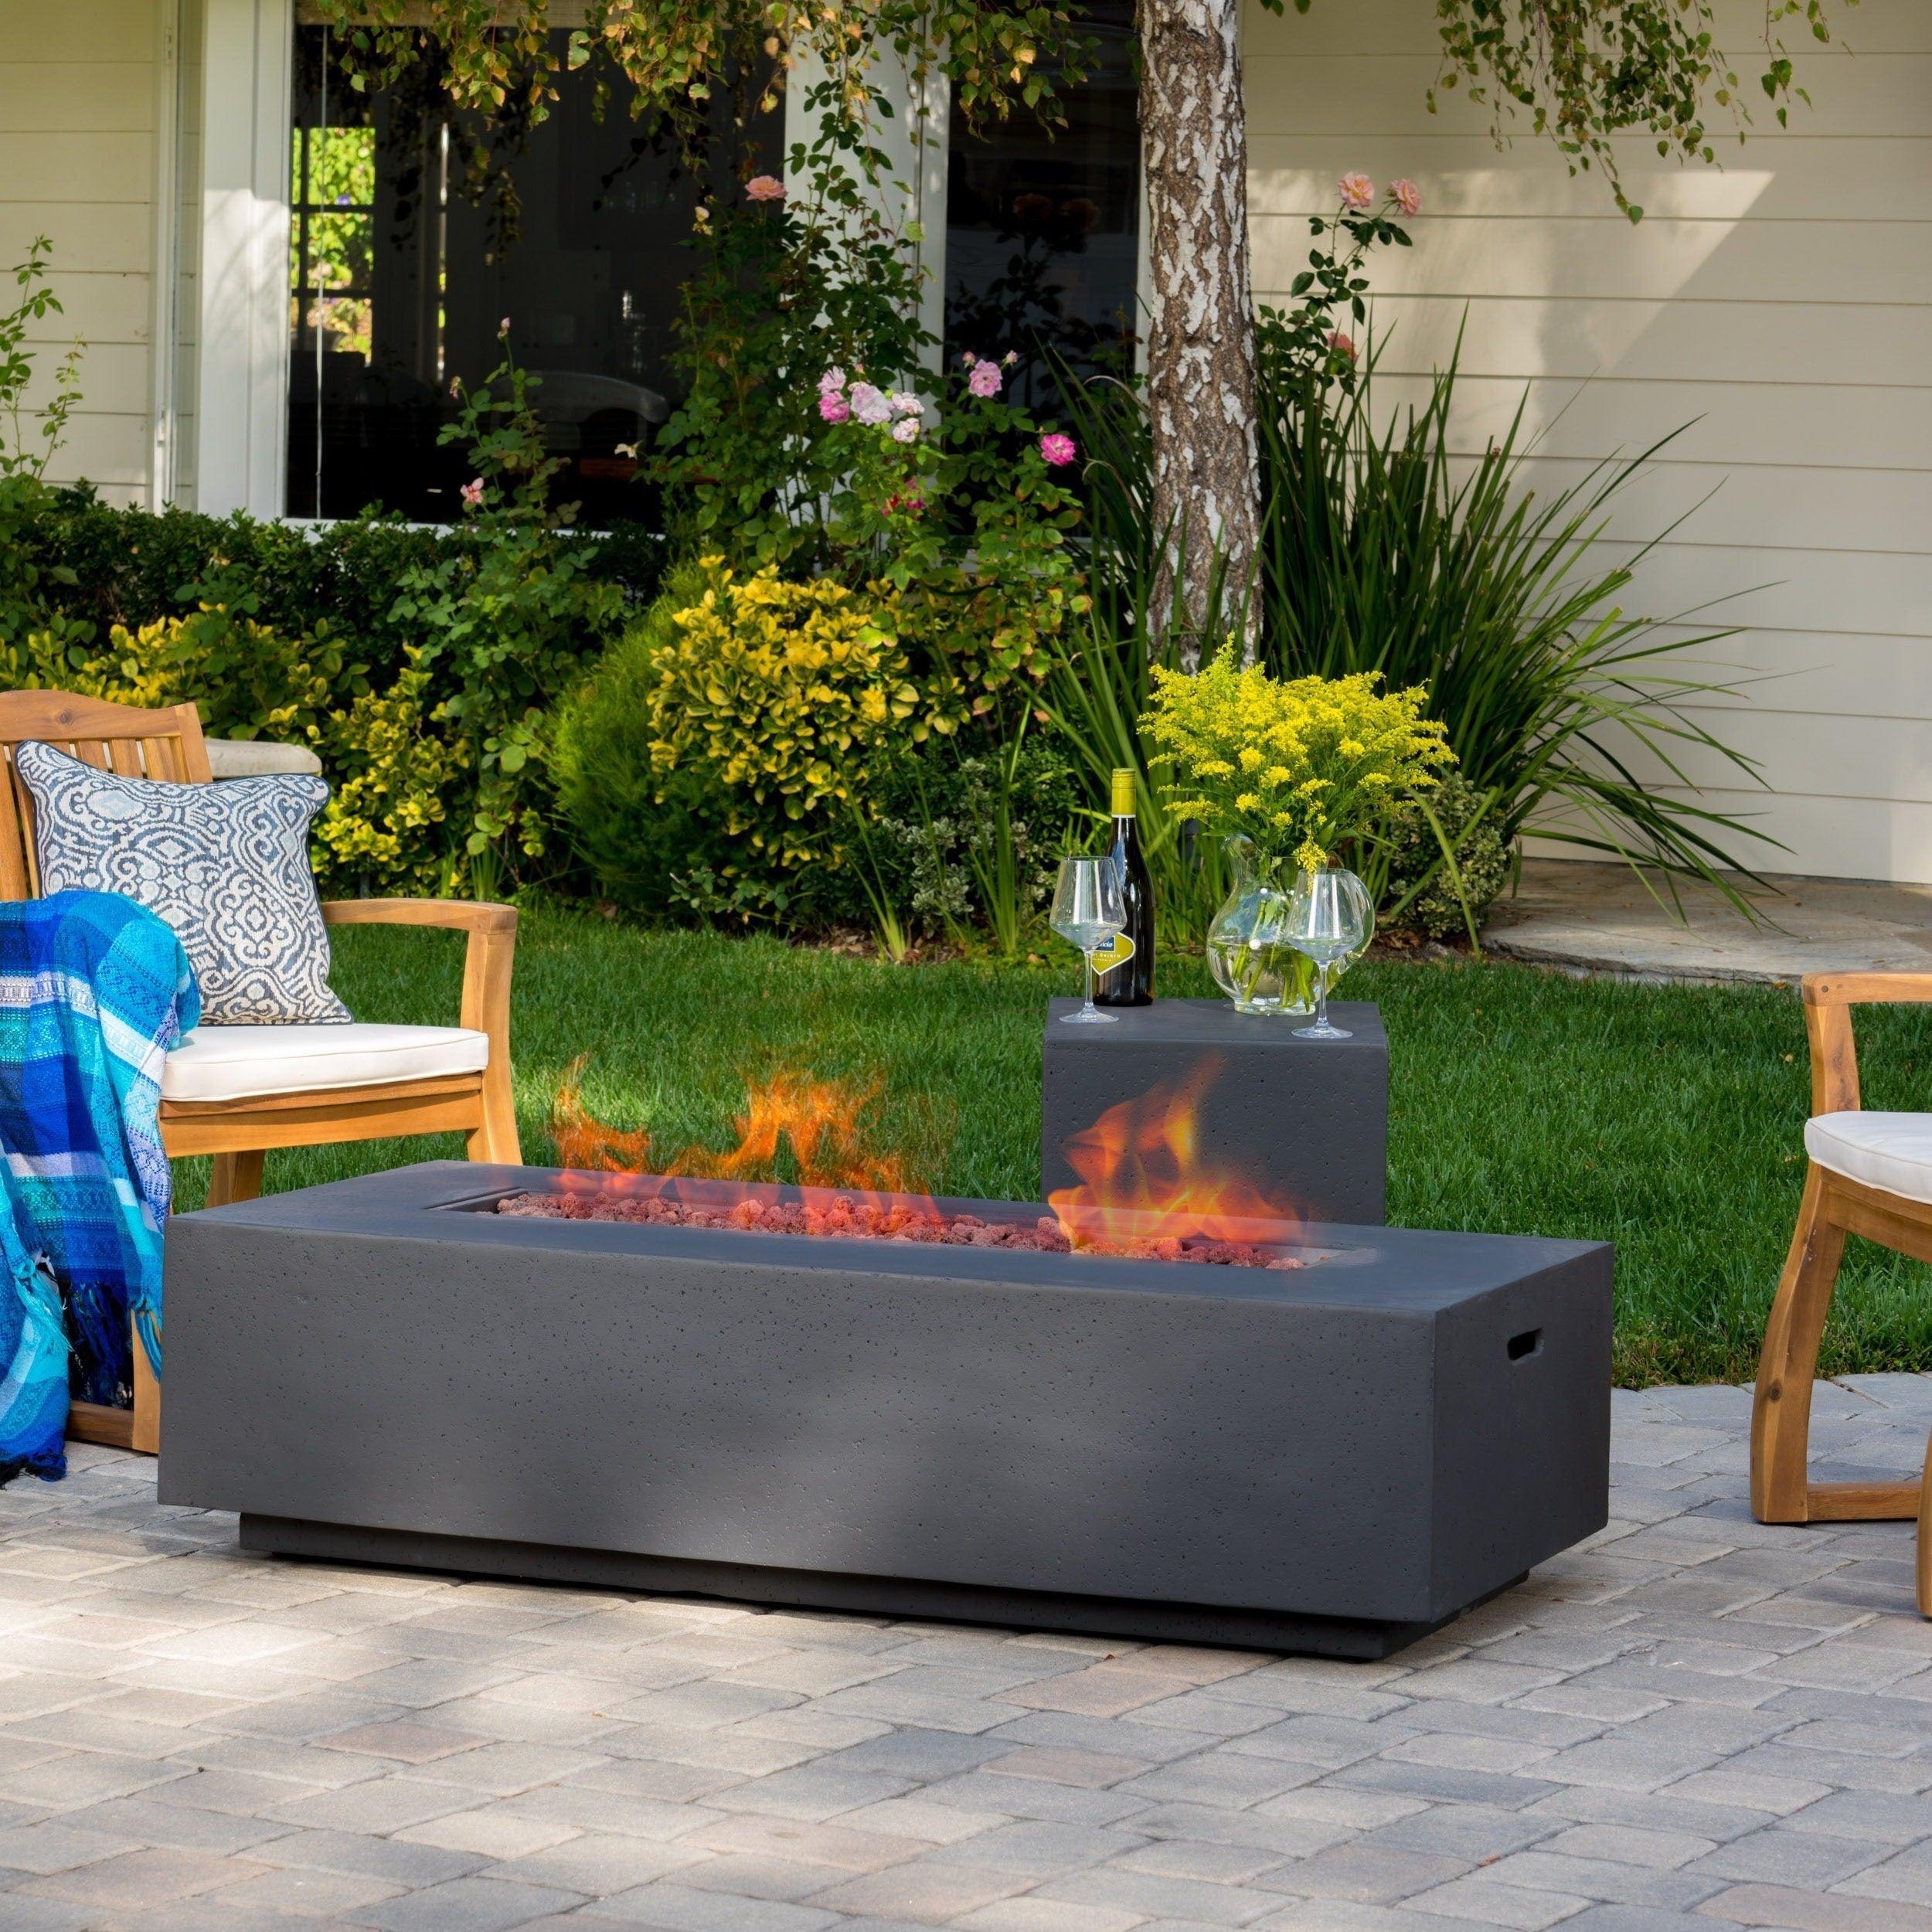 Shop Santos Outdoor 56 Inch Rectangular Propane Fire Table